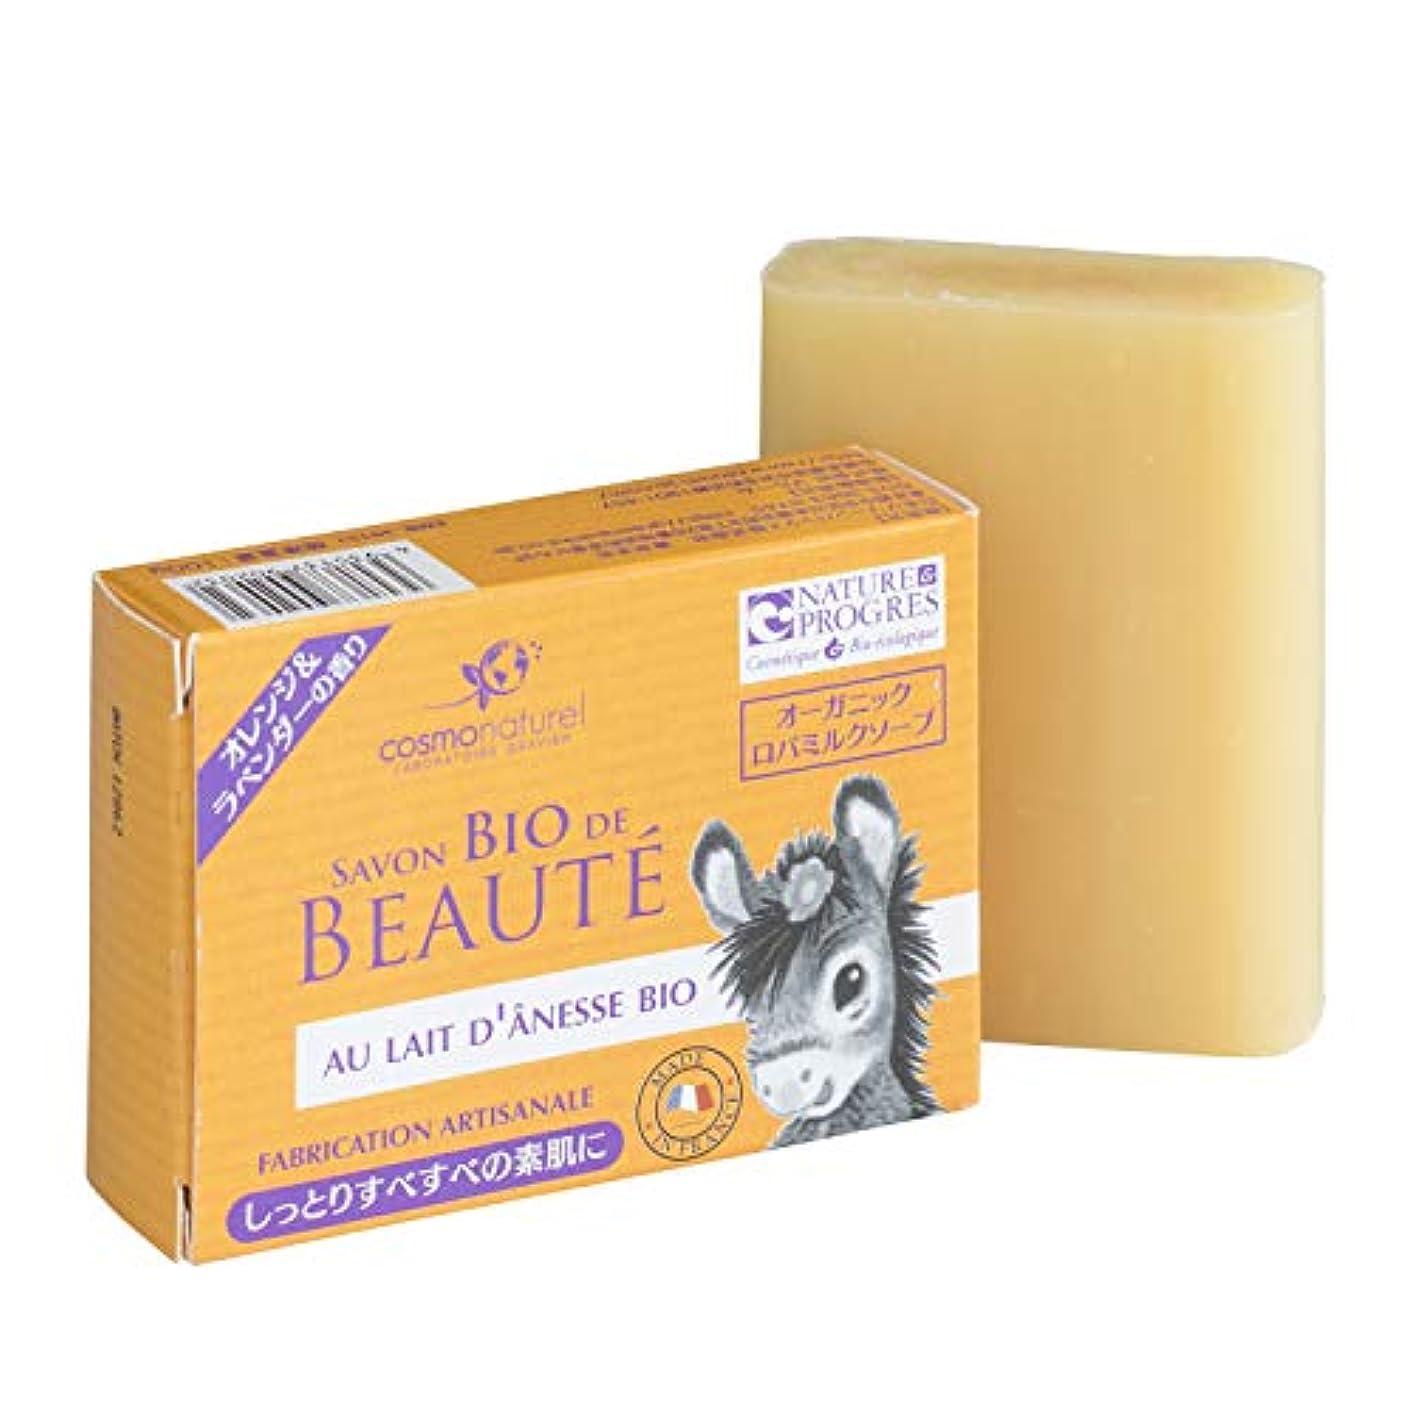 最高添加剤旅客コスモナチュレル オーガニック ロバミルクソープ オレンジ&ラベンダーの香り 100g